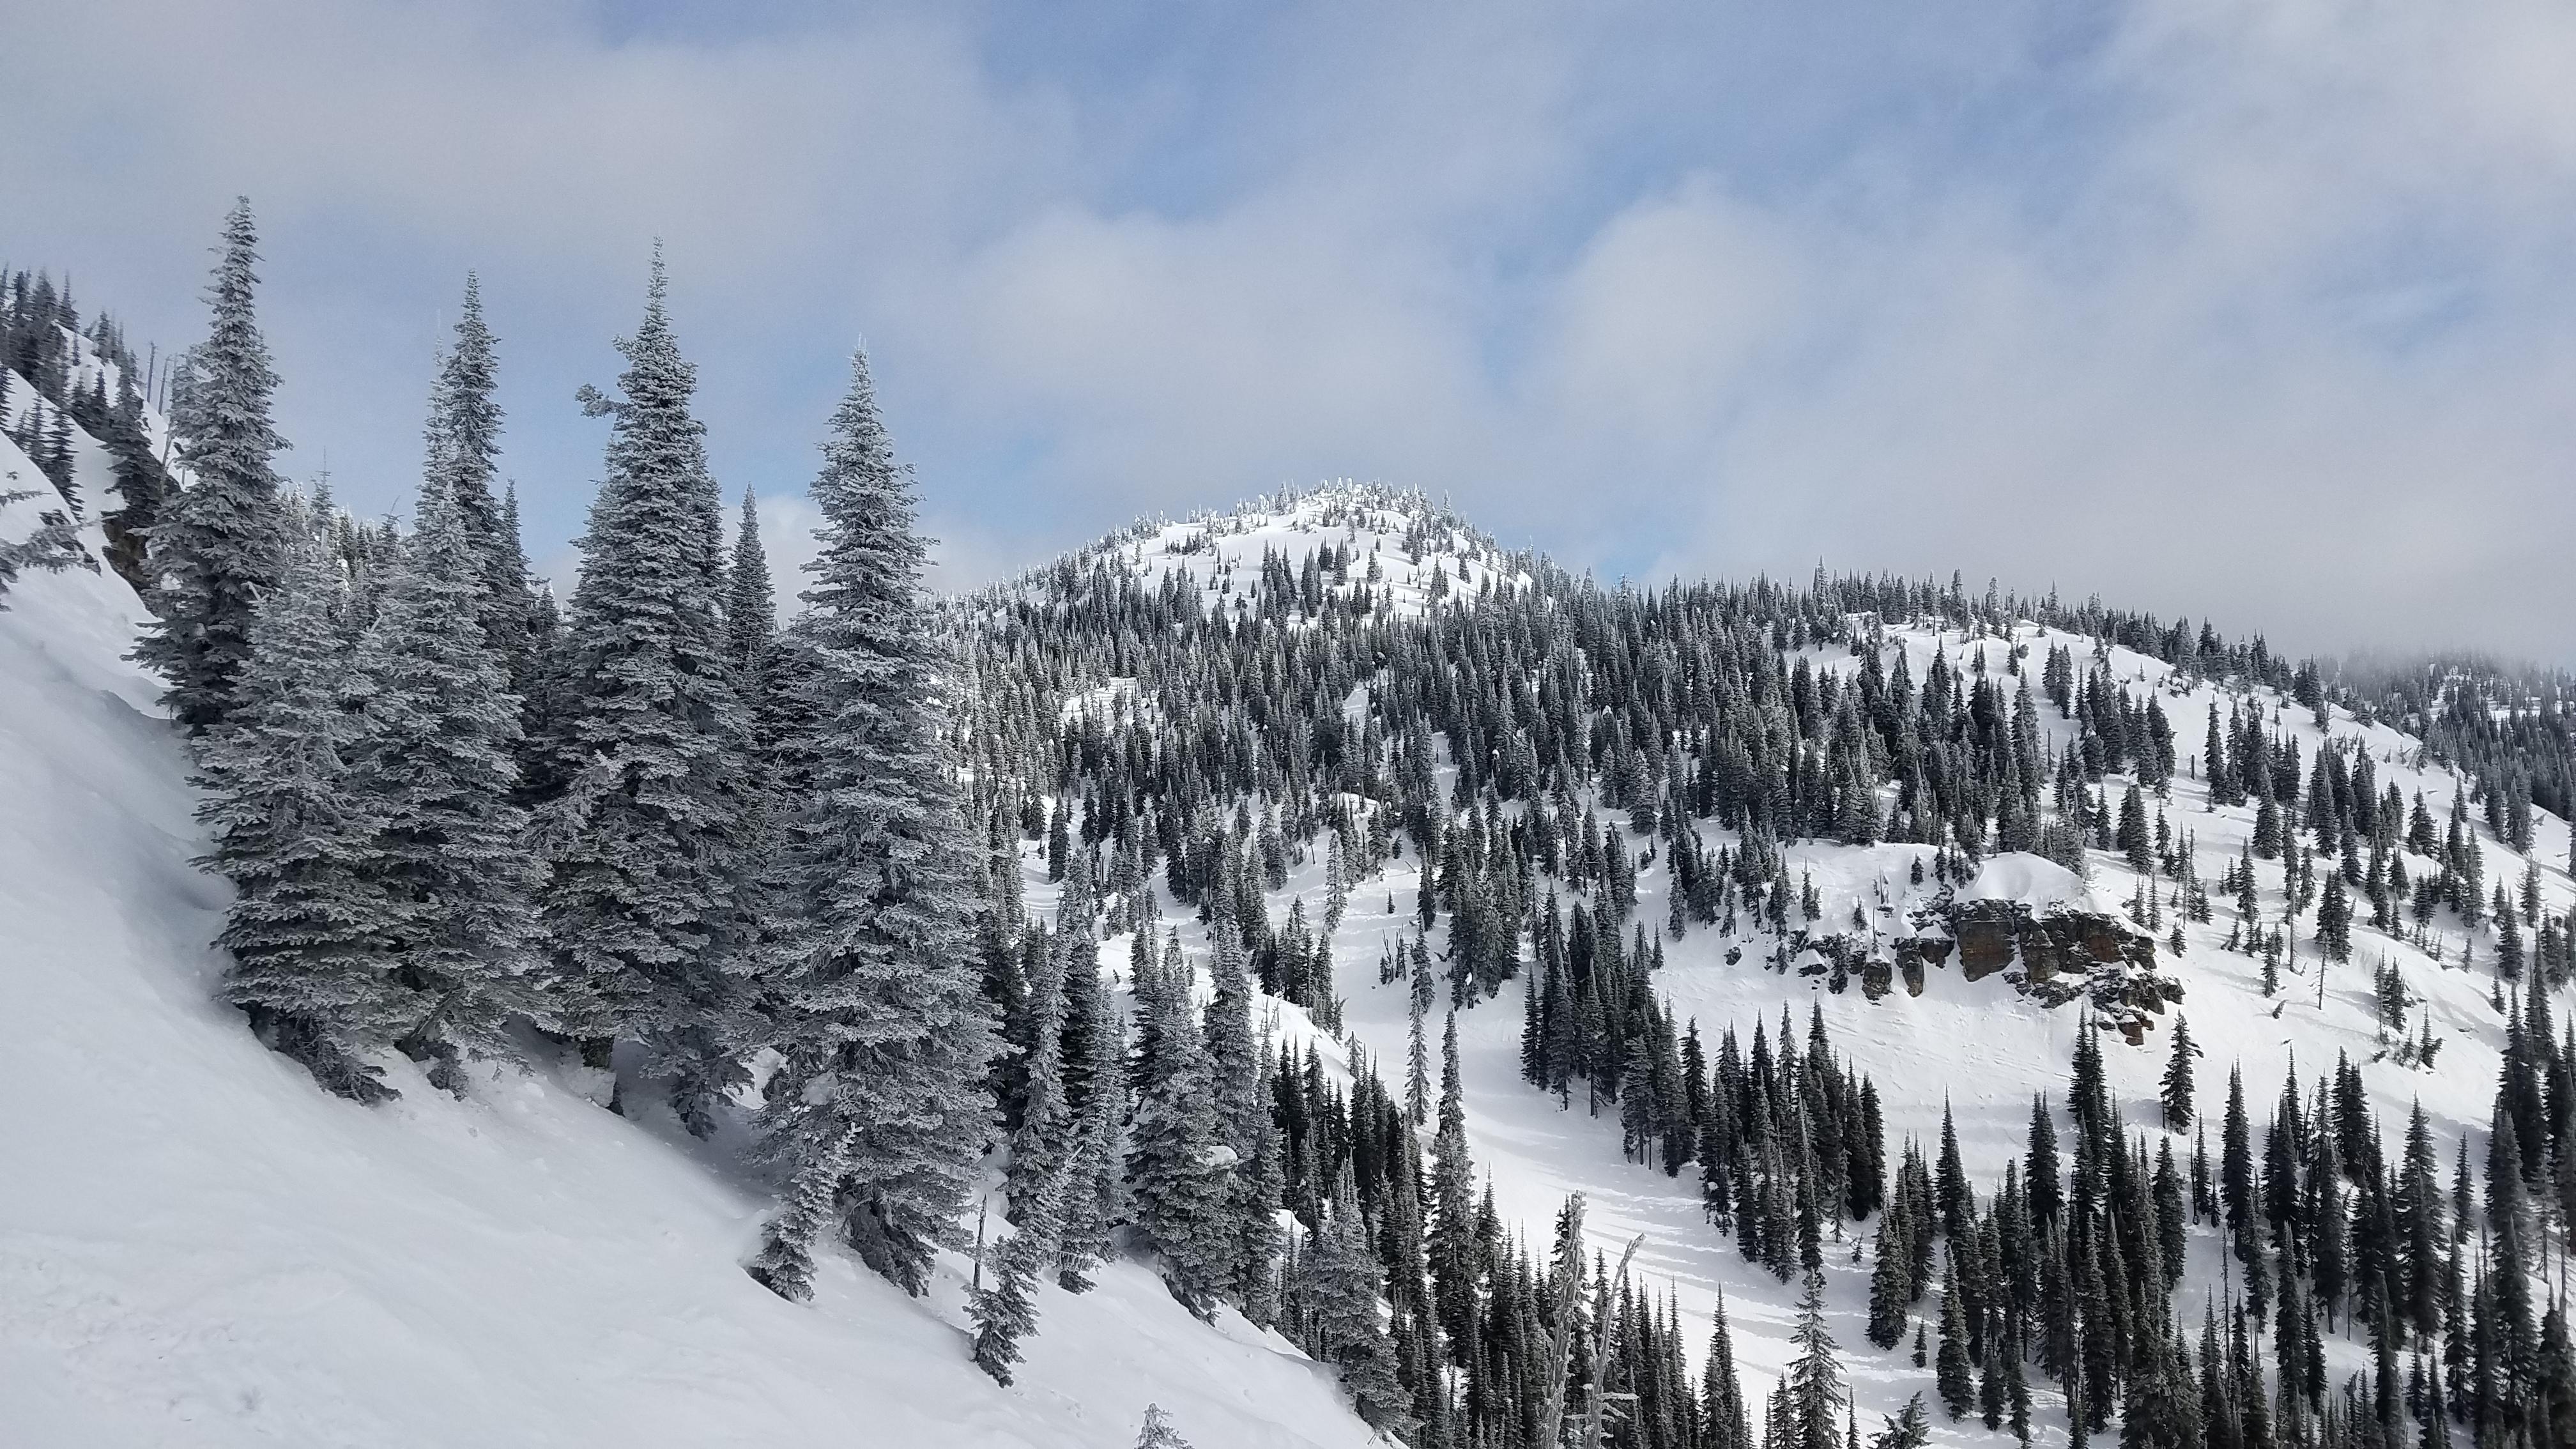 trip report: whitefish mountain resort, montana